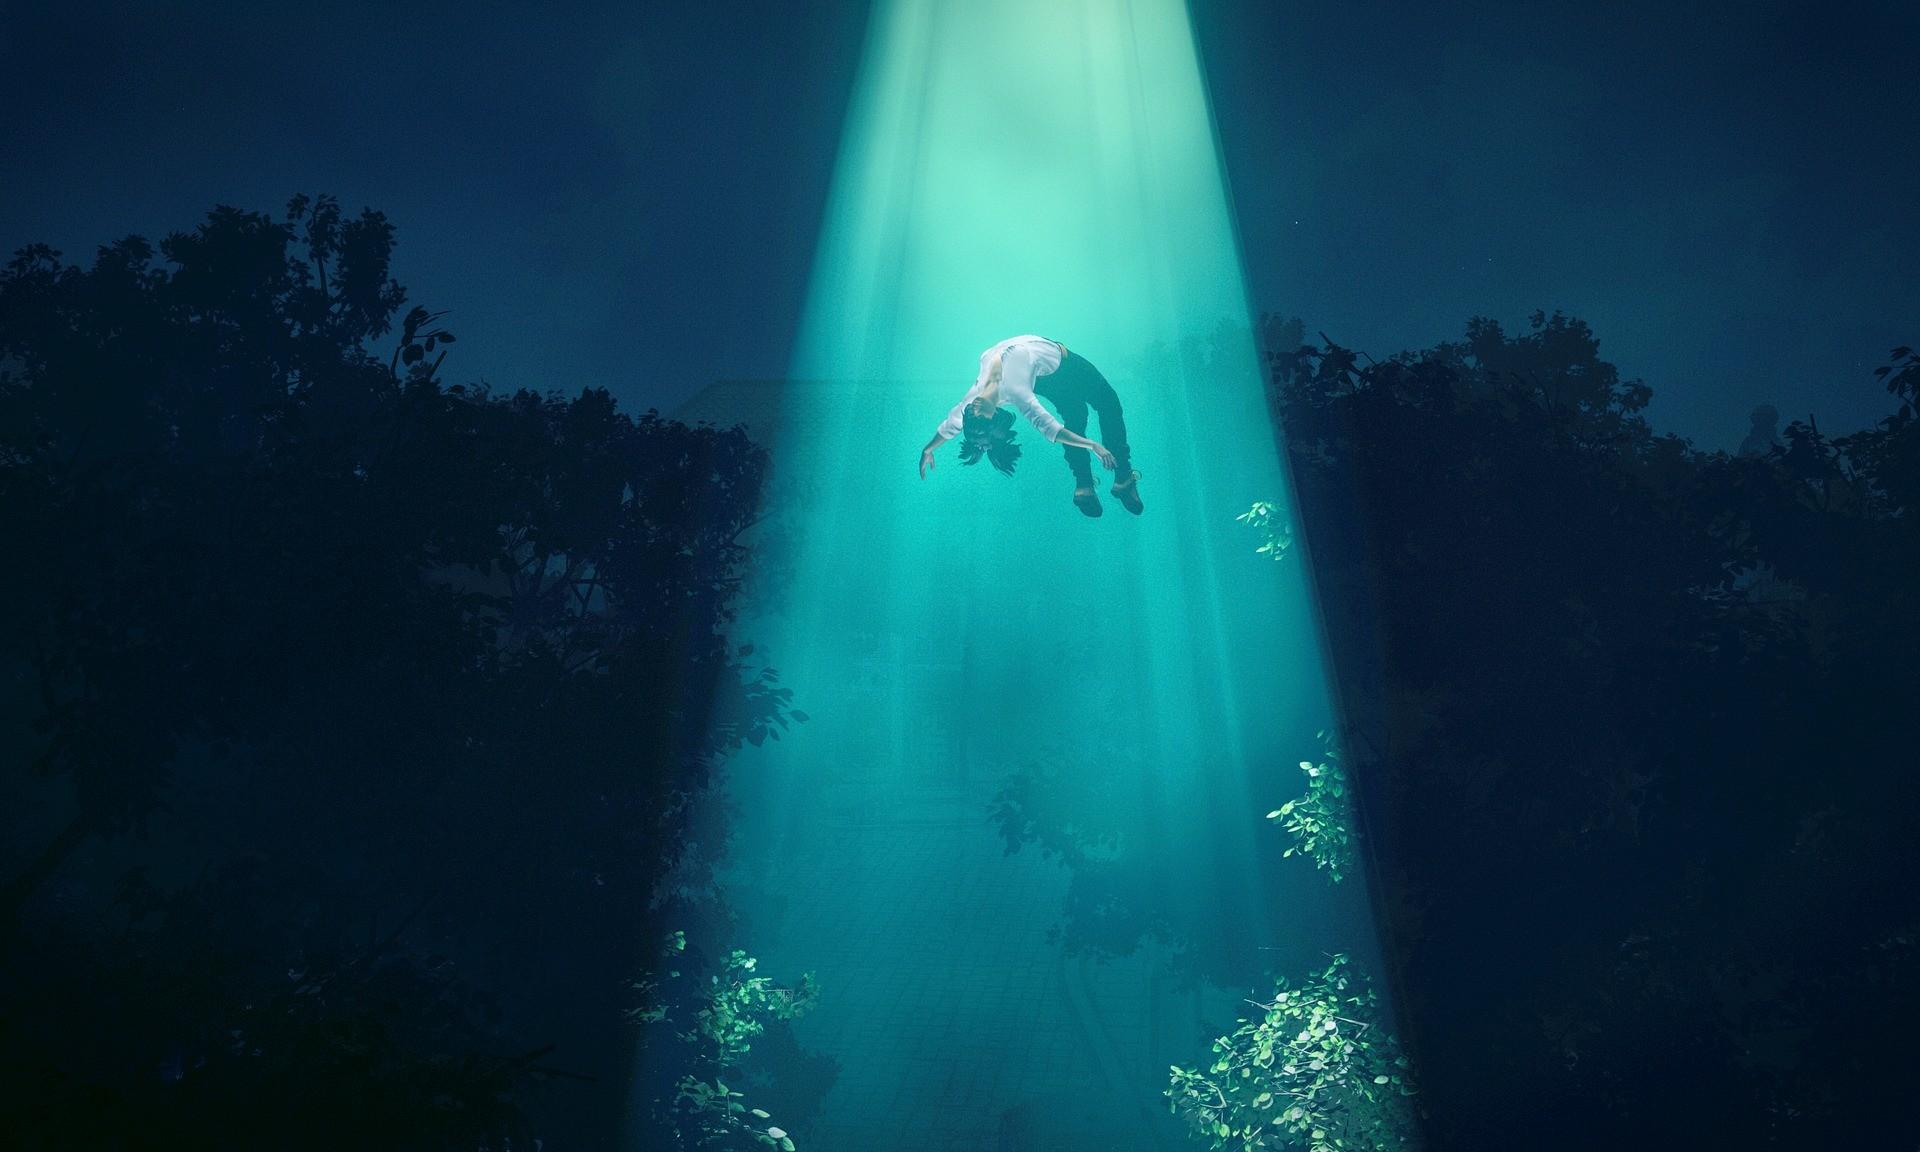 美国男子称遭外星人绑架并将他送回家 女友目睹他飘浮在空中